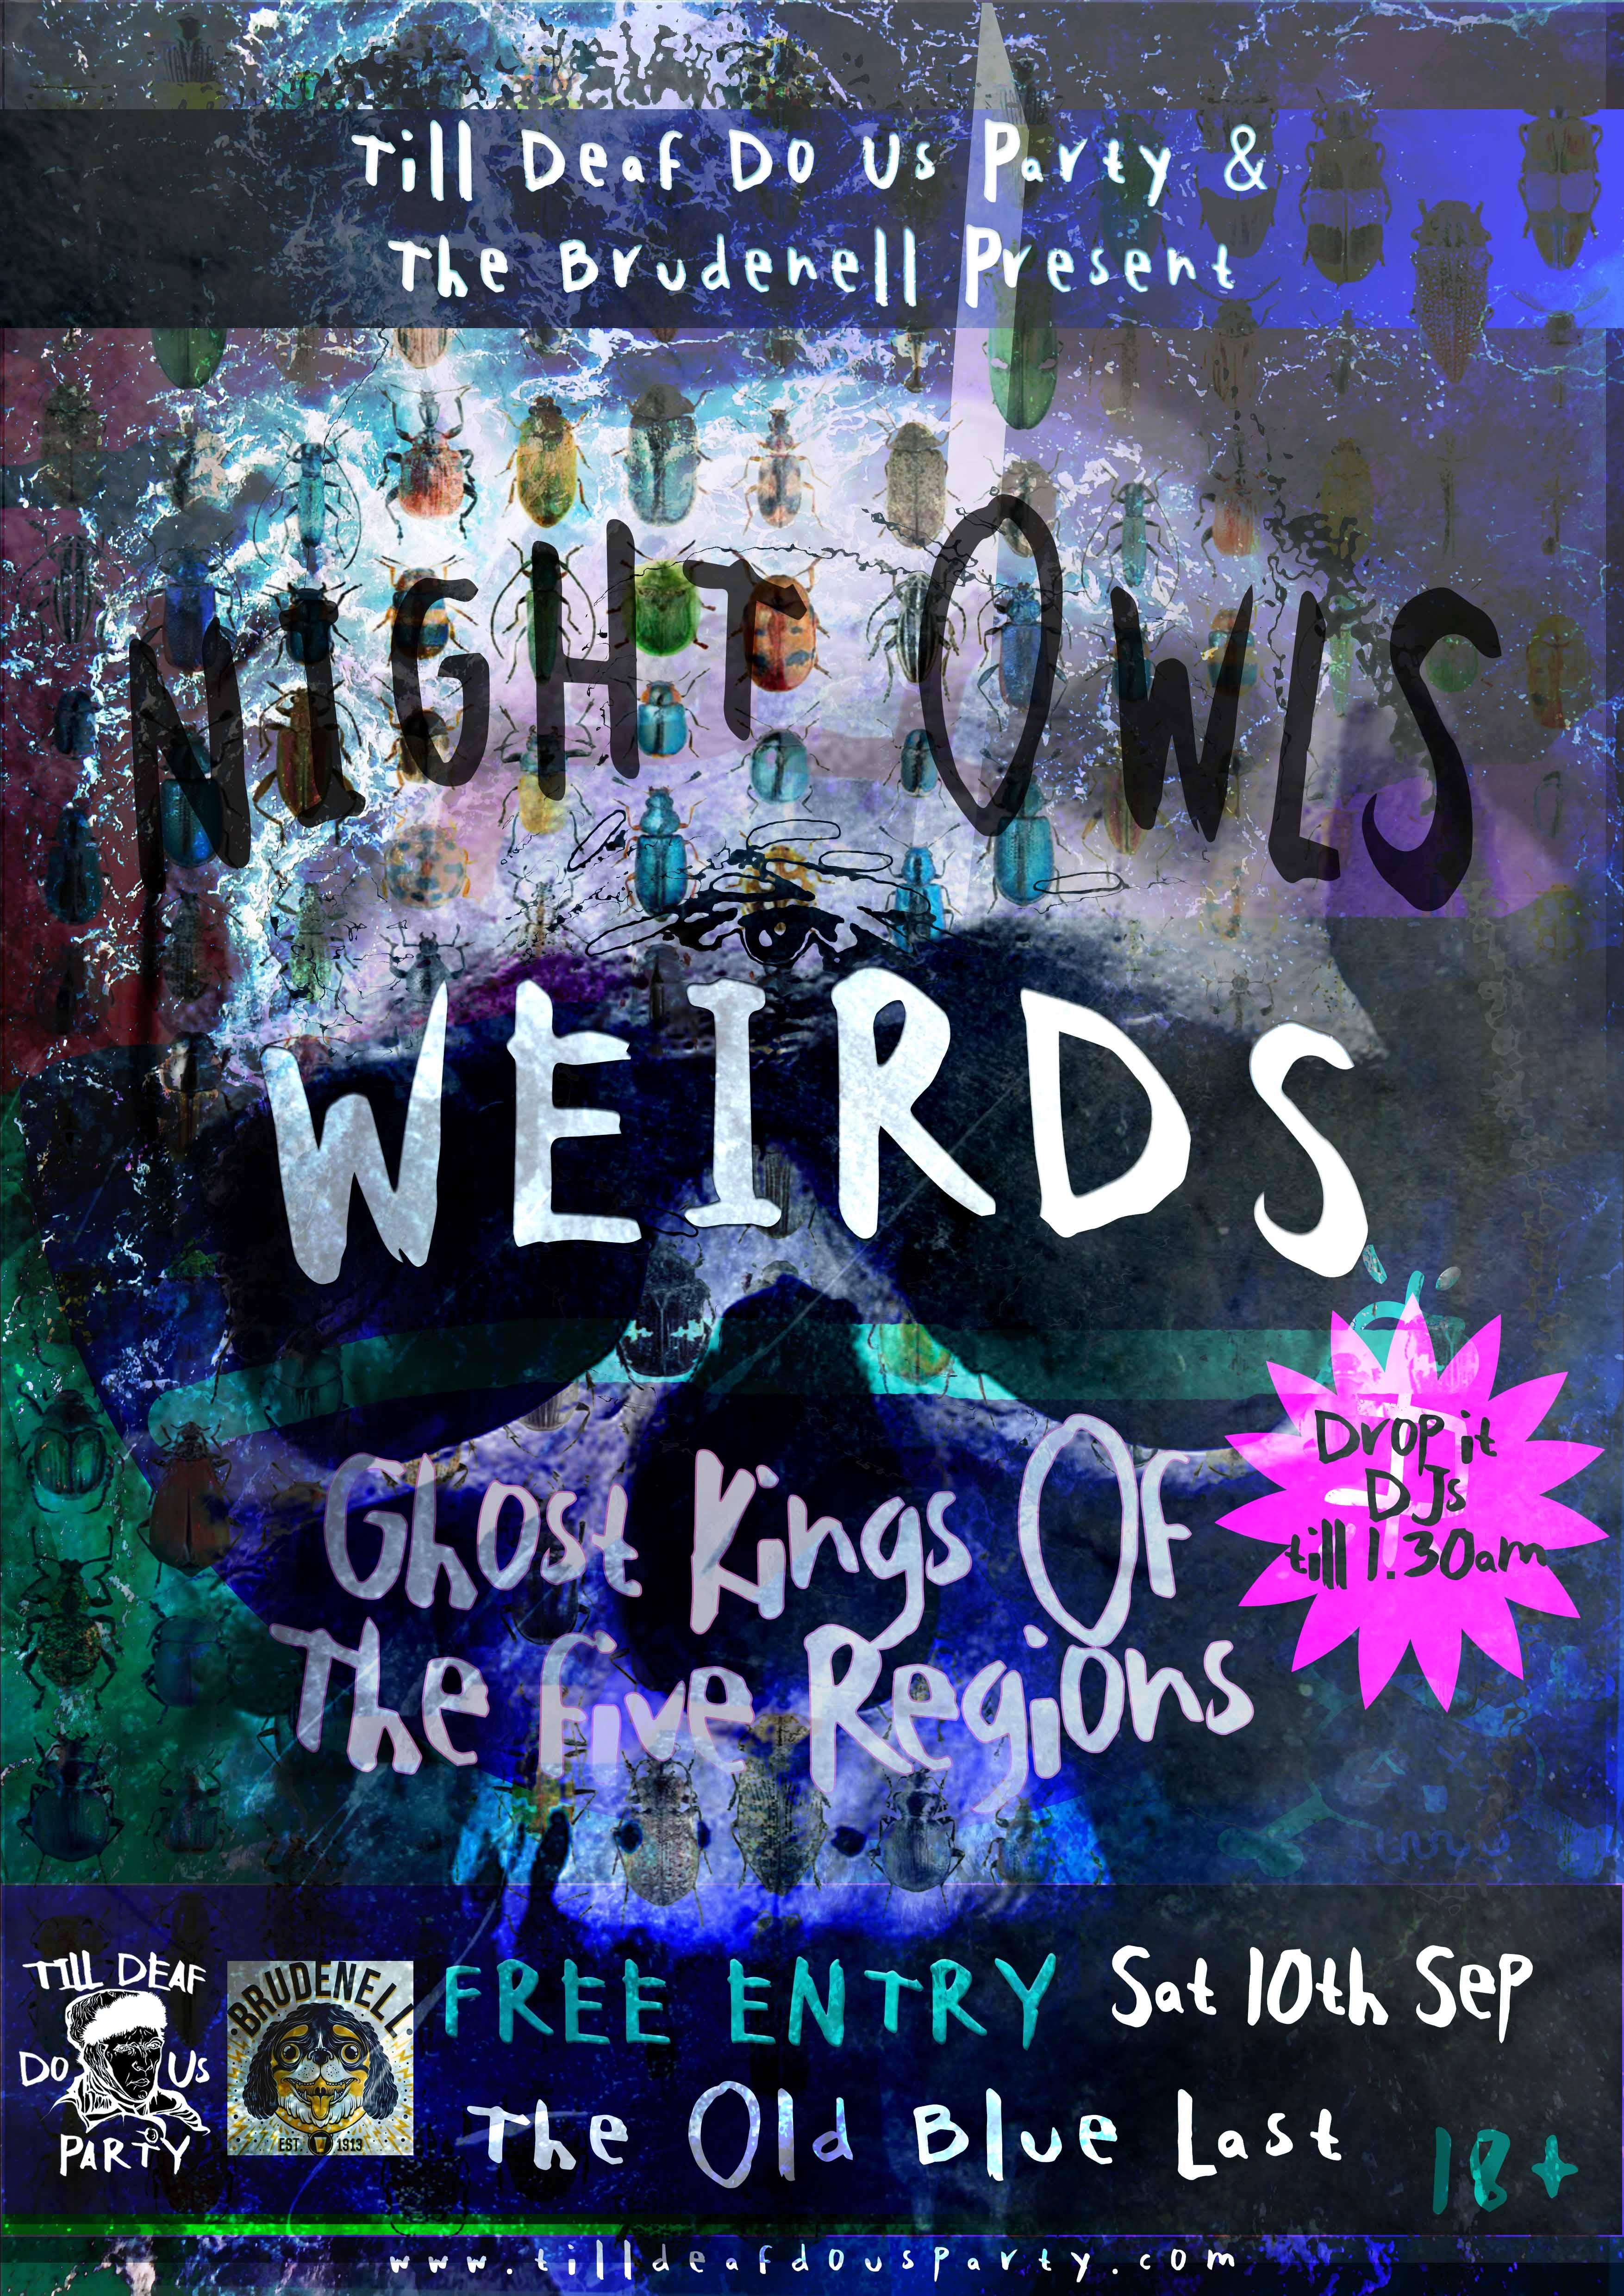 Weirdnightowlssmall